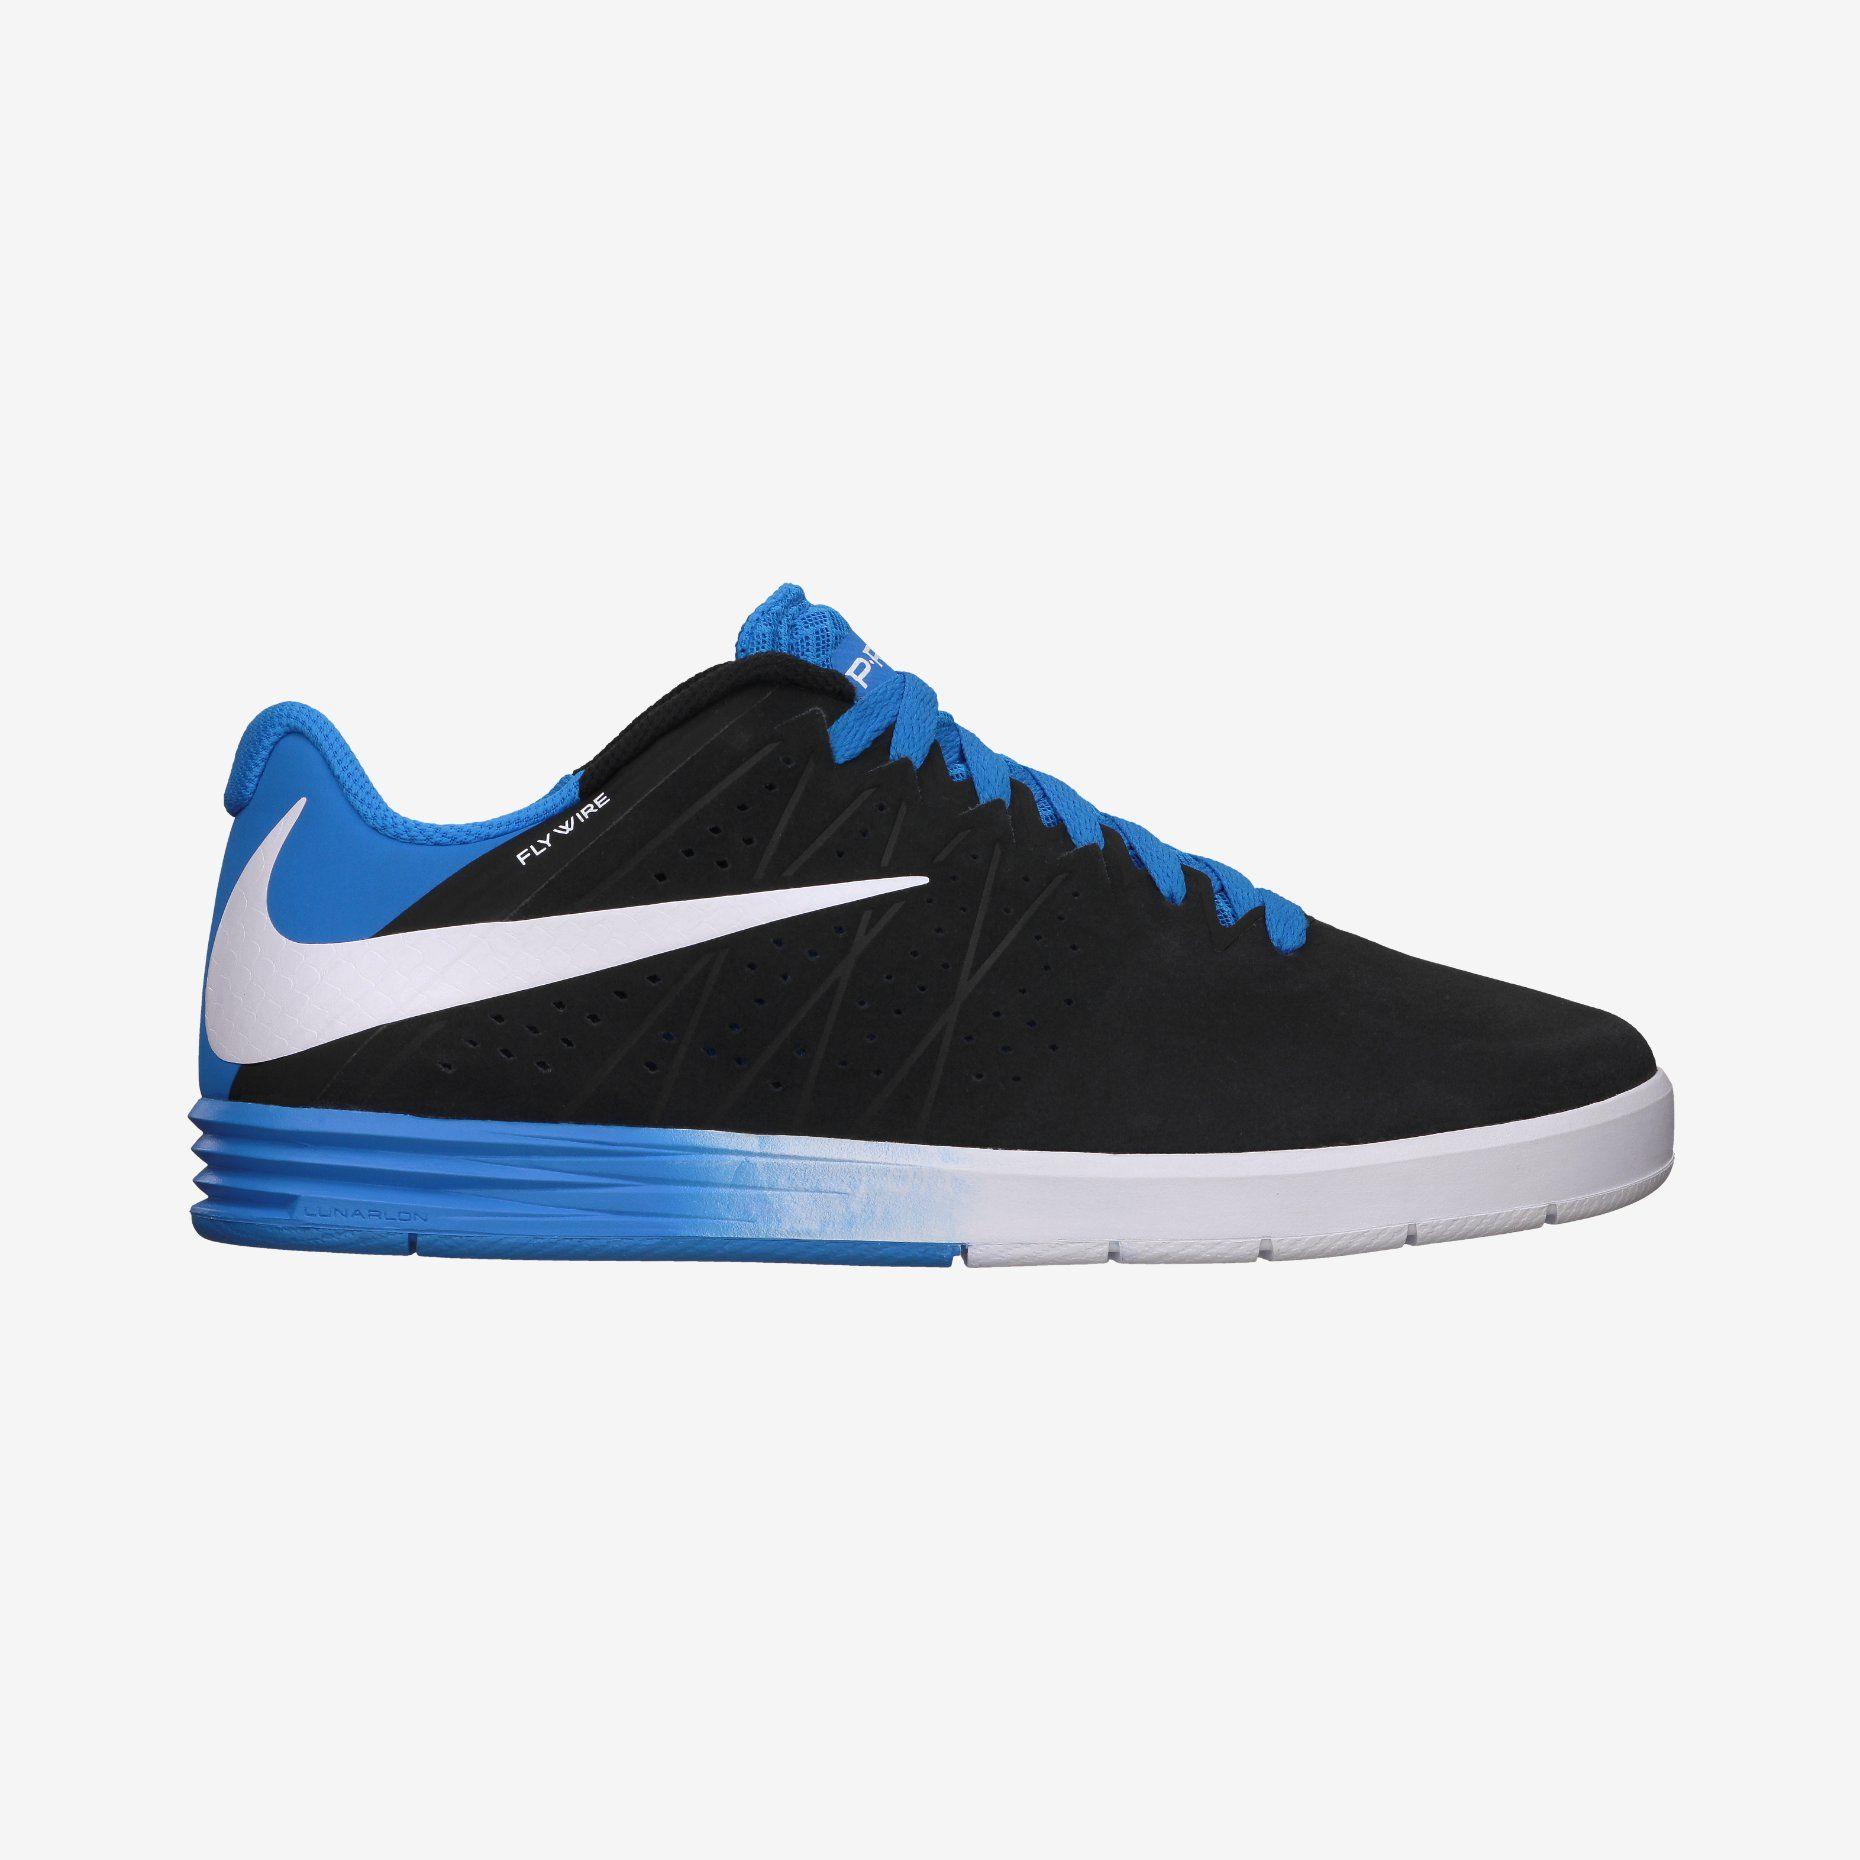 b92020e3c669 Nike SB Paul Rodriguez Citadel Men s Shoe. Nike Store